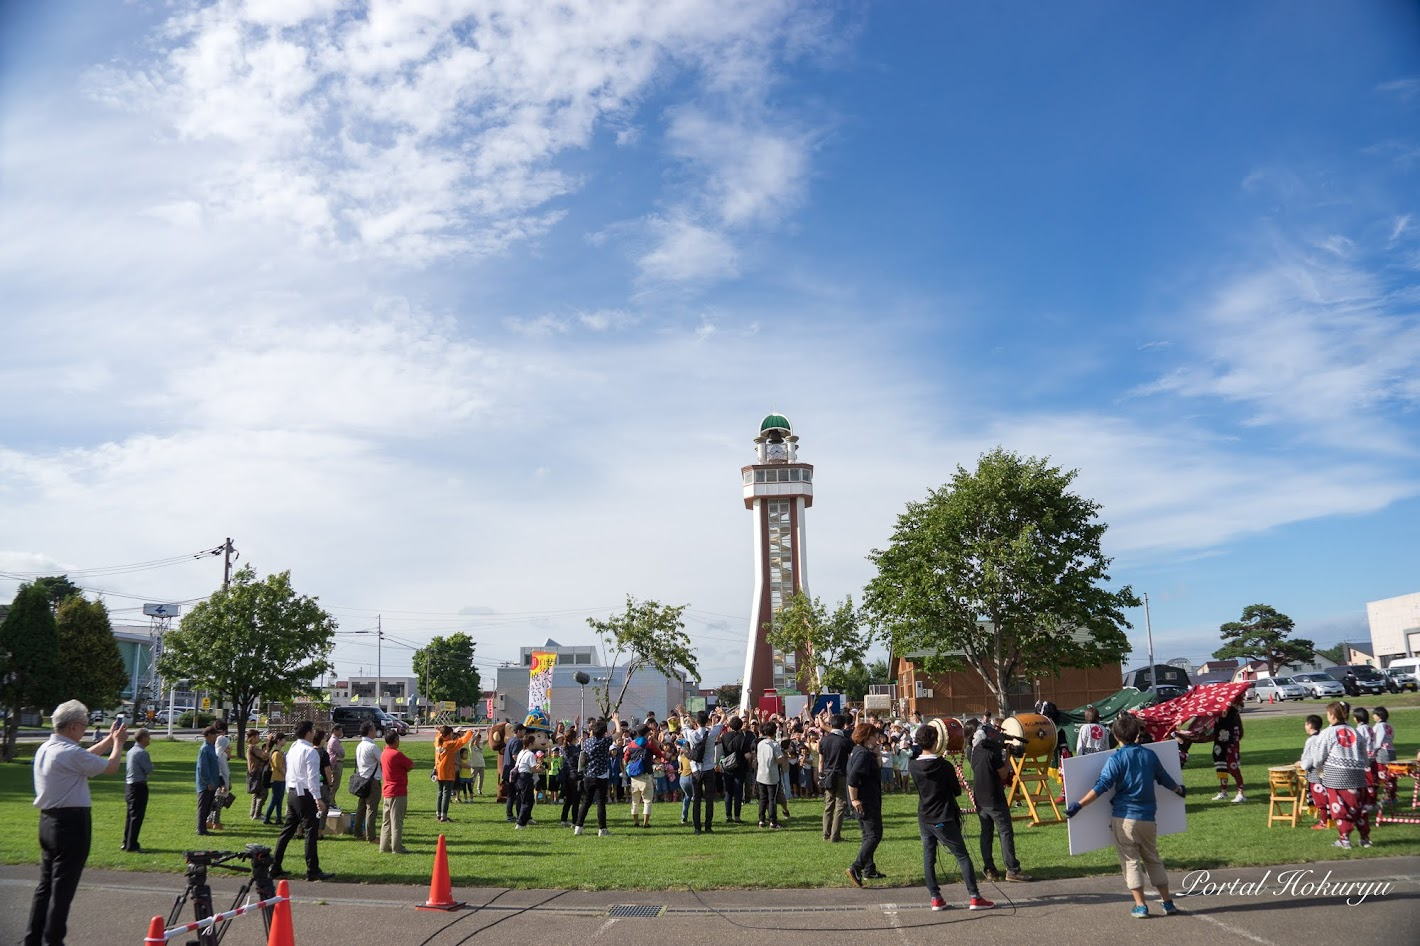 開基百年記念塔の前の芝生広場(秩父別町)